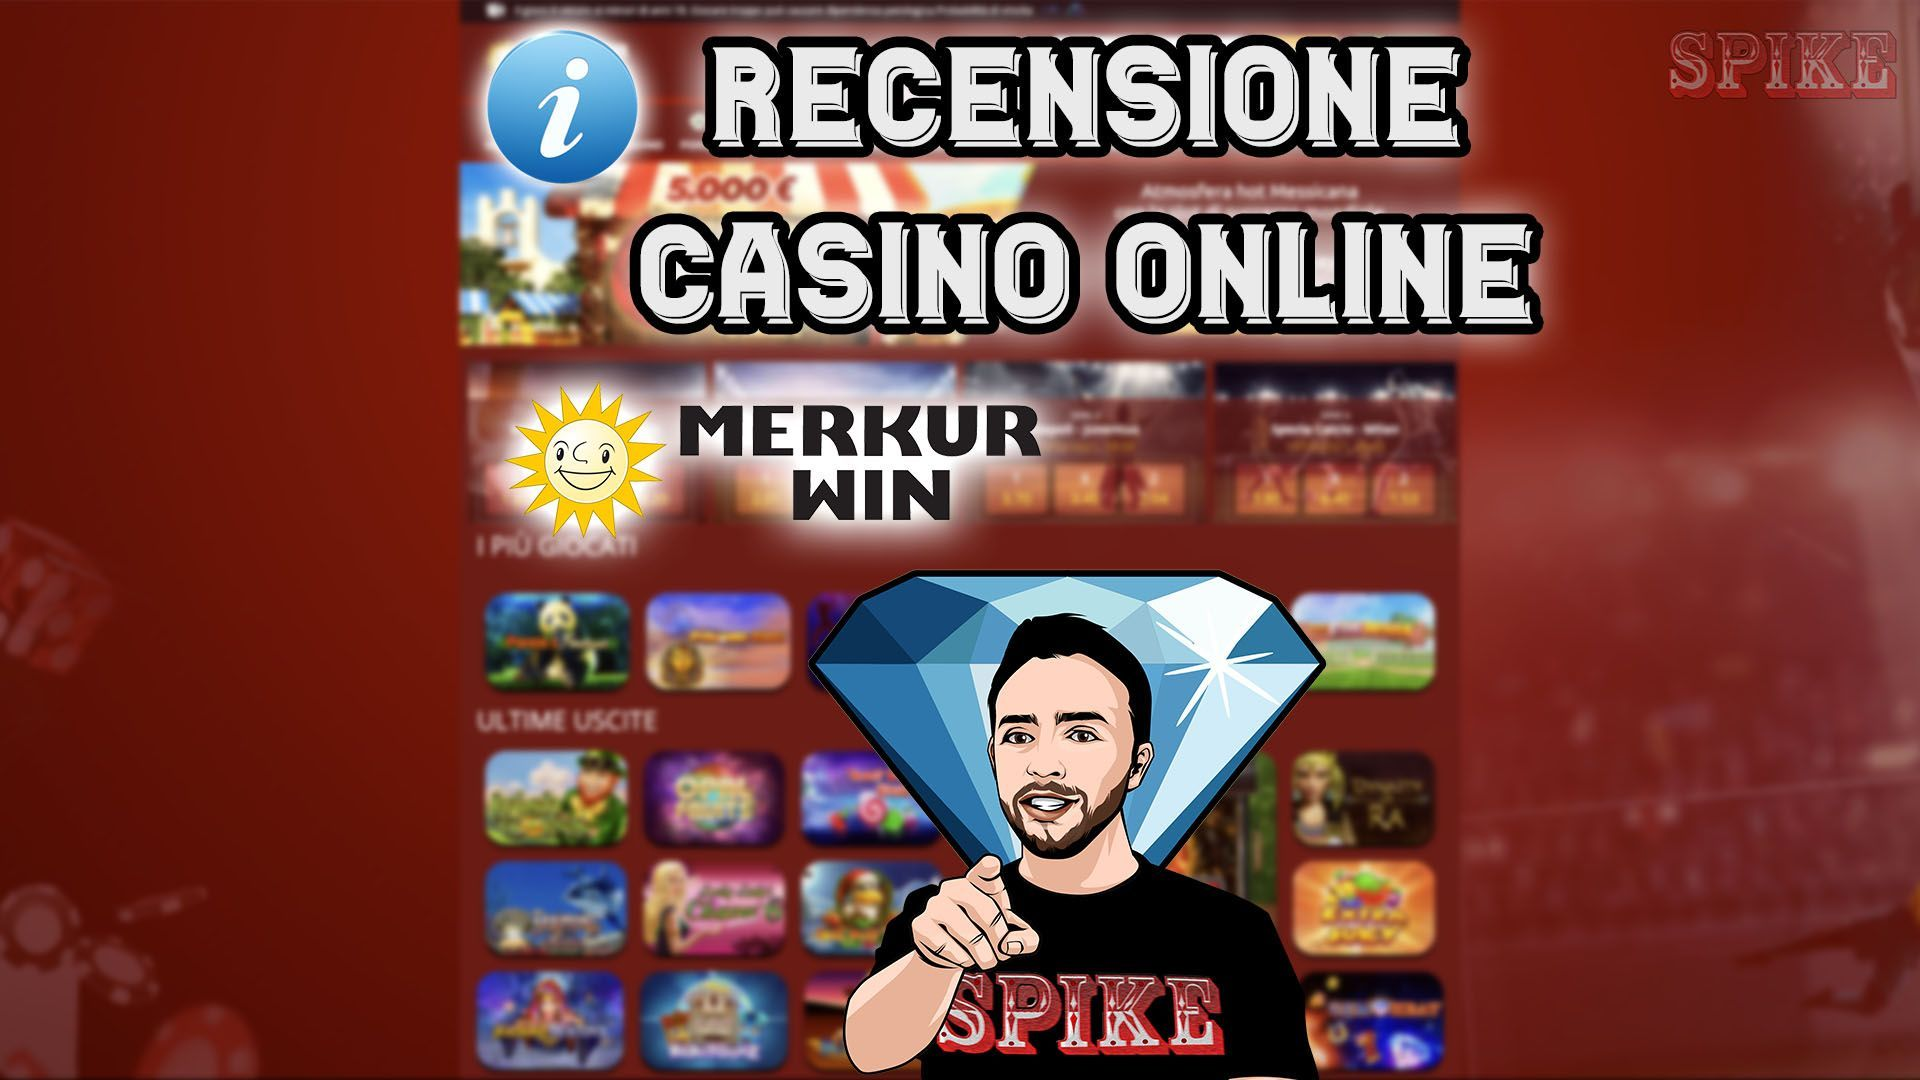 Recensione Online Casinò Merkur Win Bonus Guida Gratis